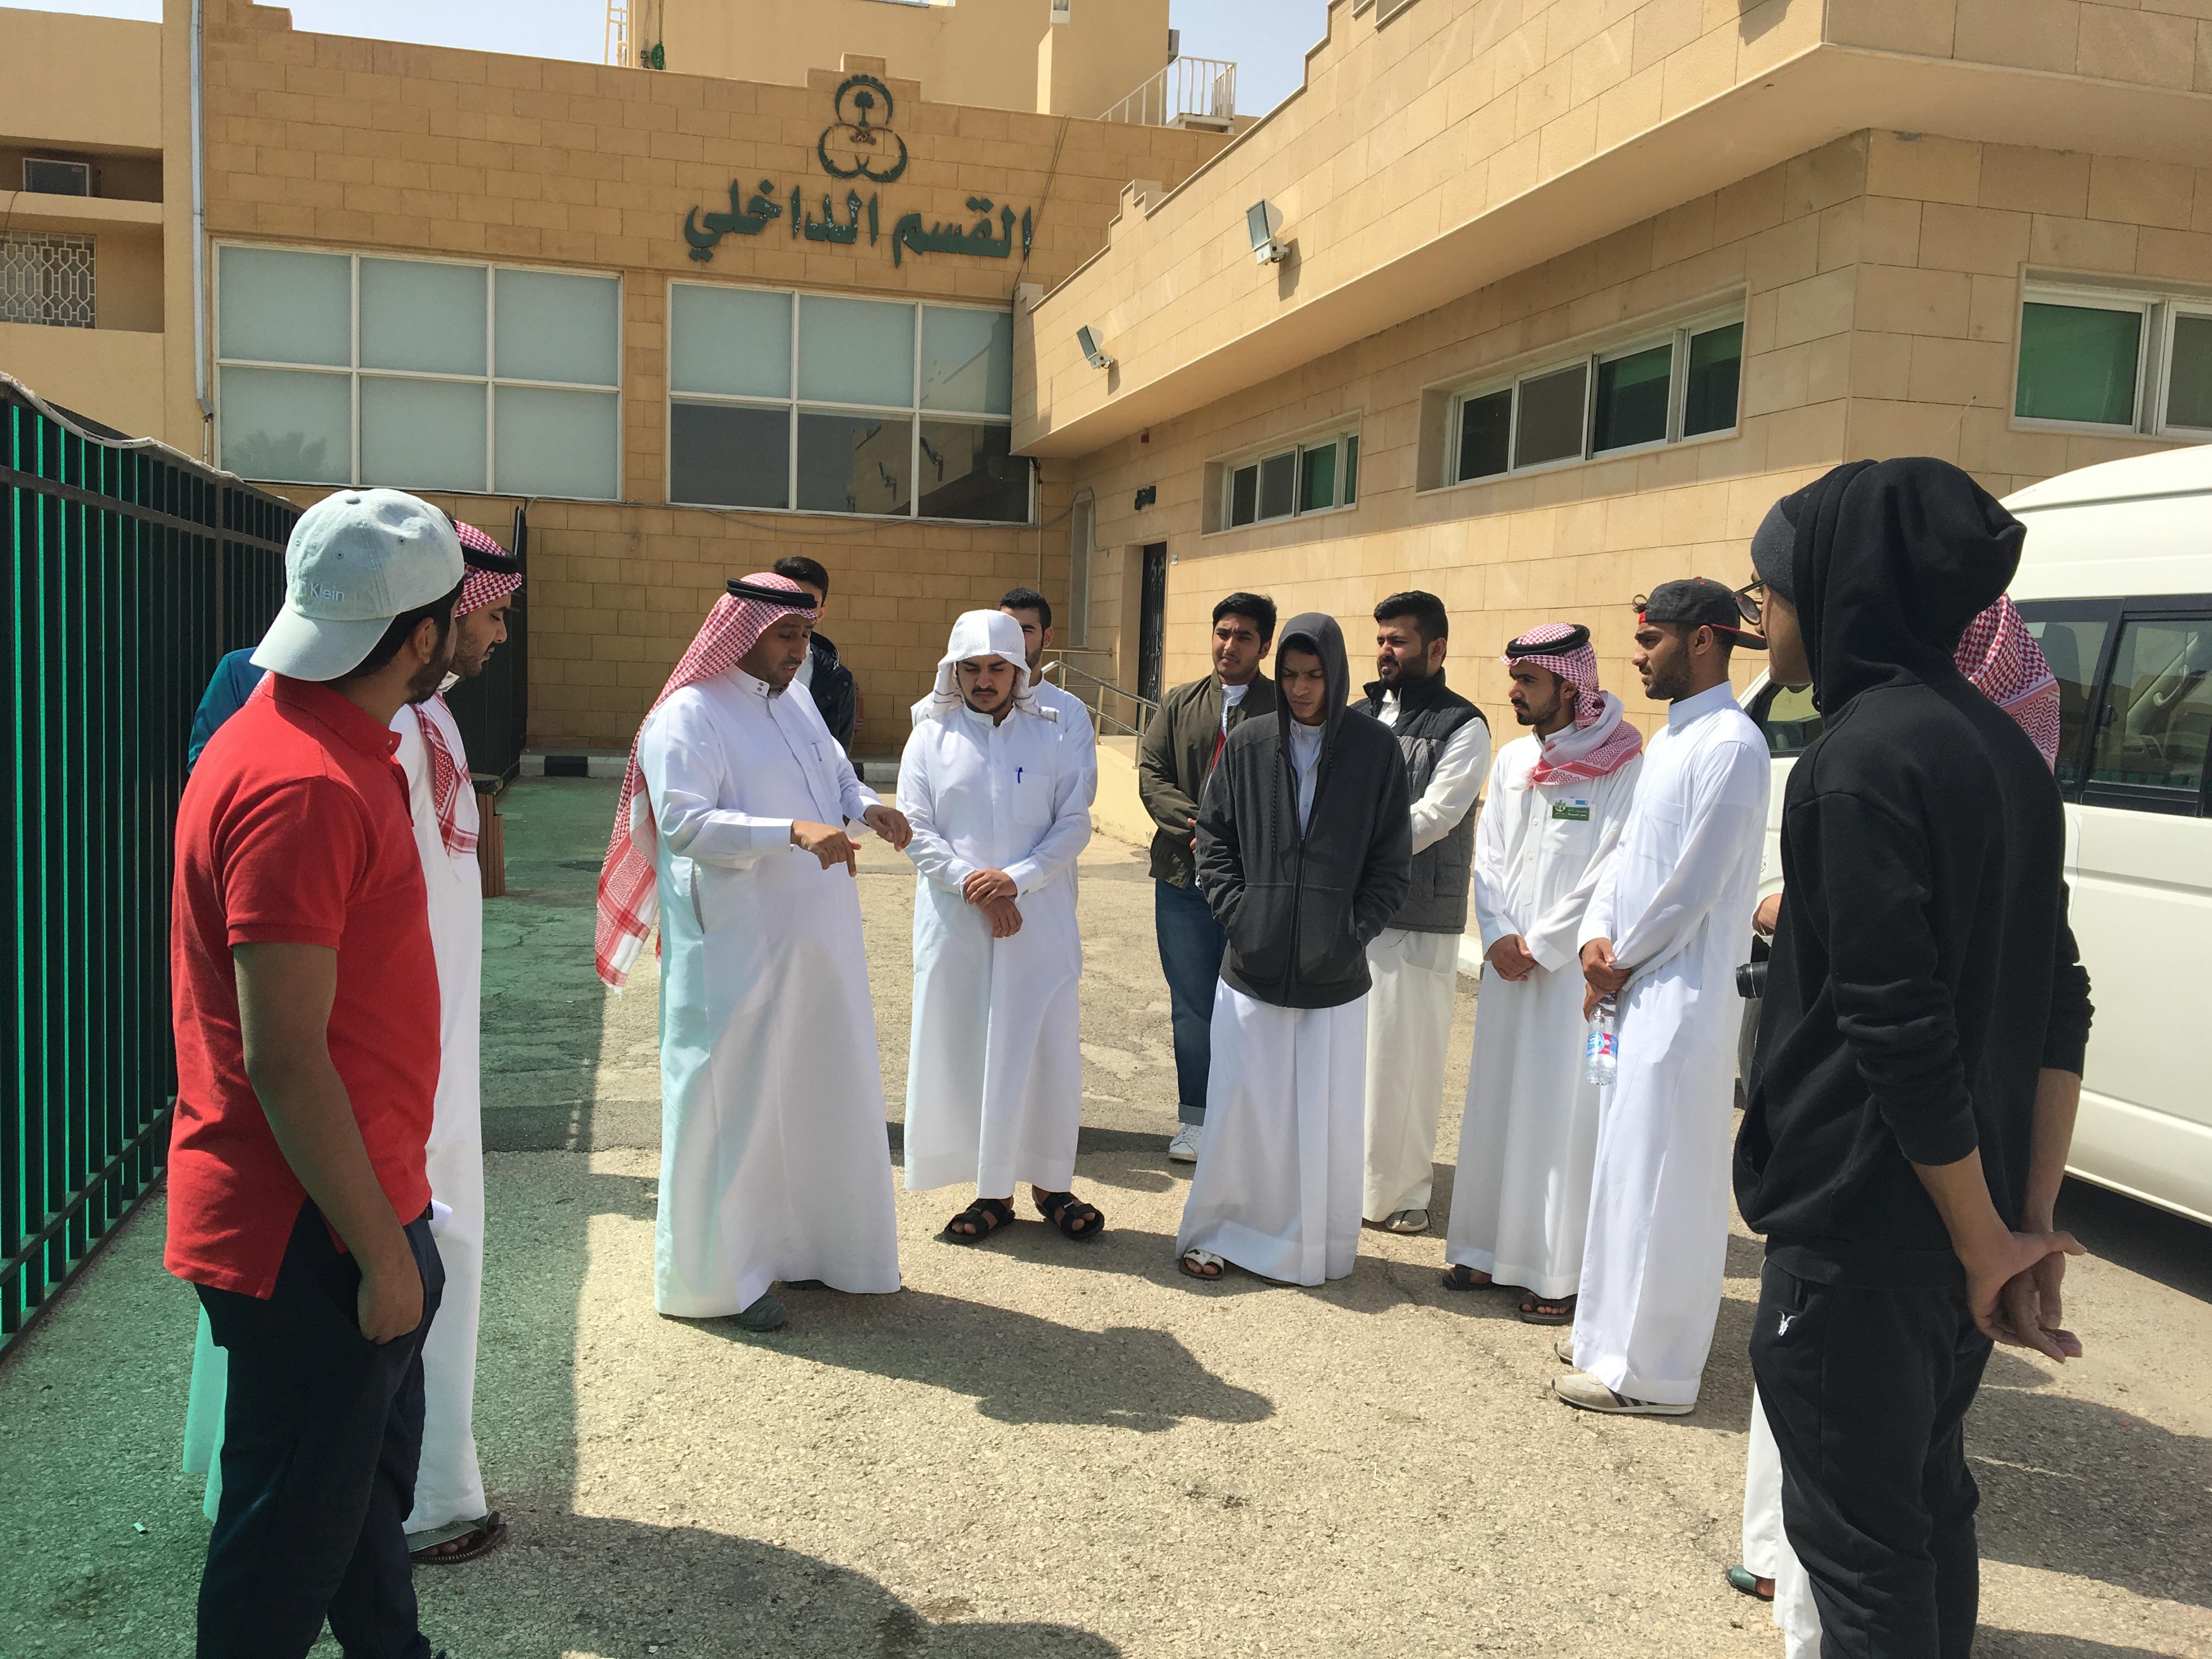 زيارة طلاب الأولى المشتركة لمركز التأهيل الشامل بالدرعية